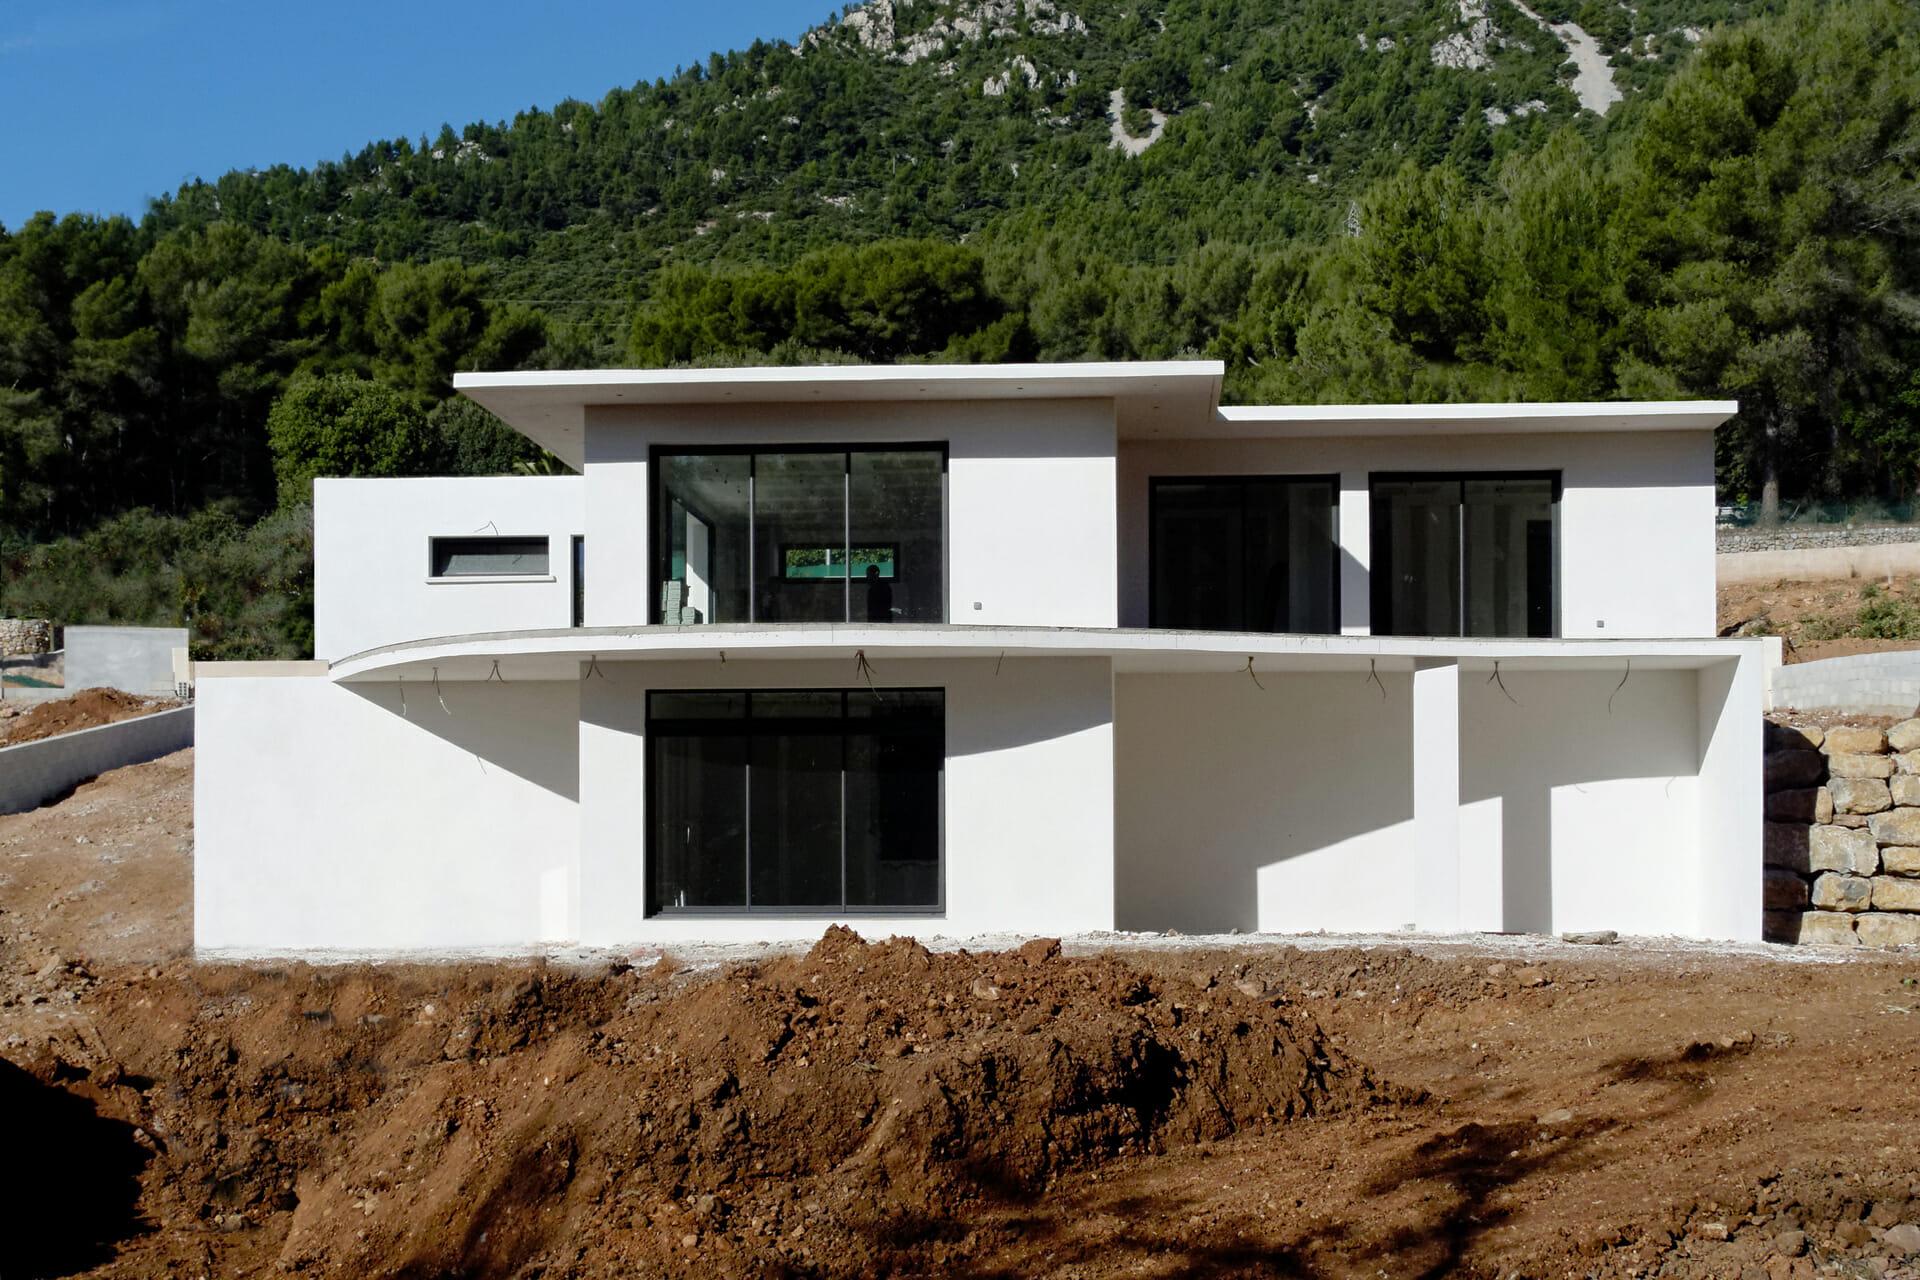 Maisons Contemporaines Et Passives - Euromac 2 encequiconcerne Maison Toit Plat 200M2